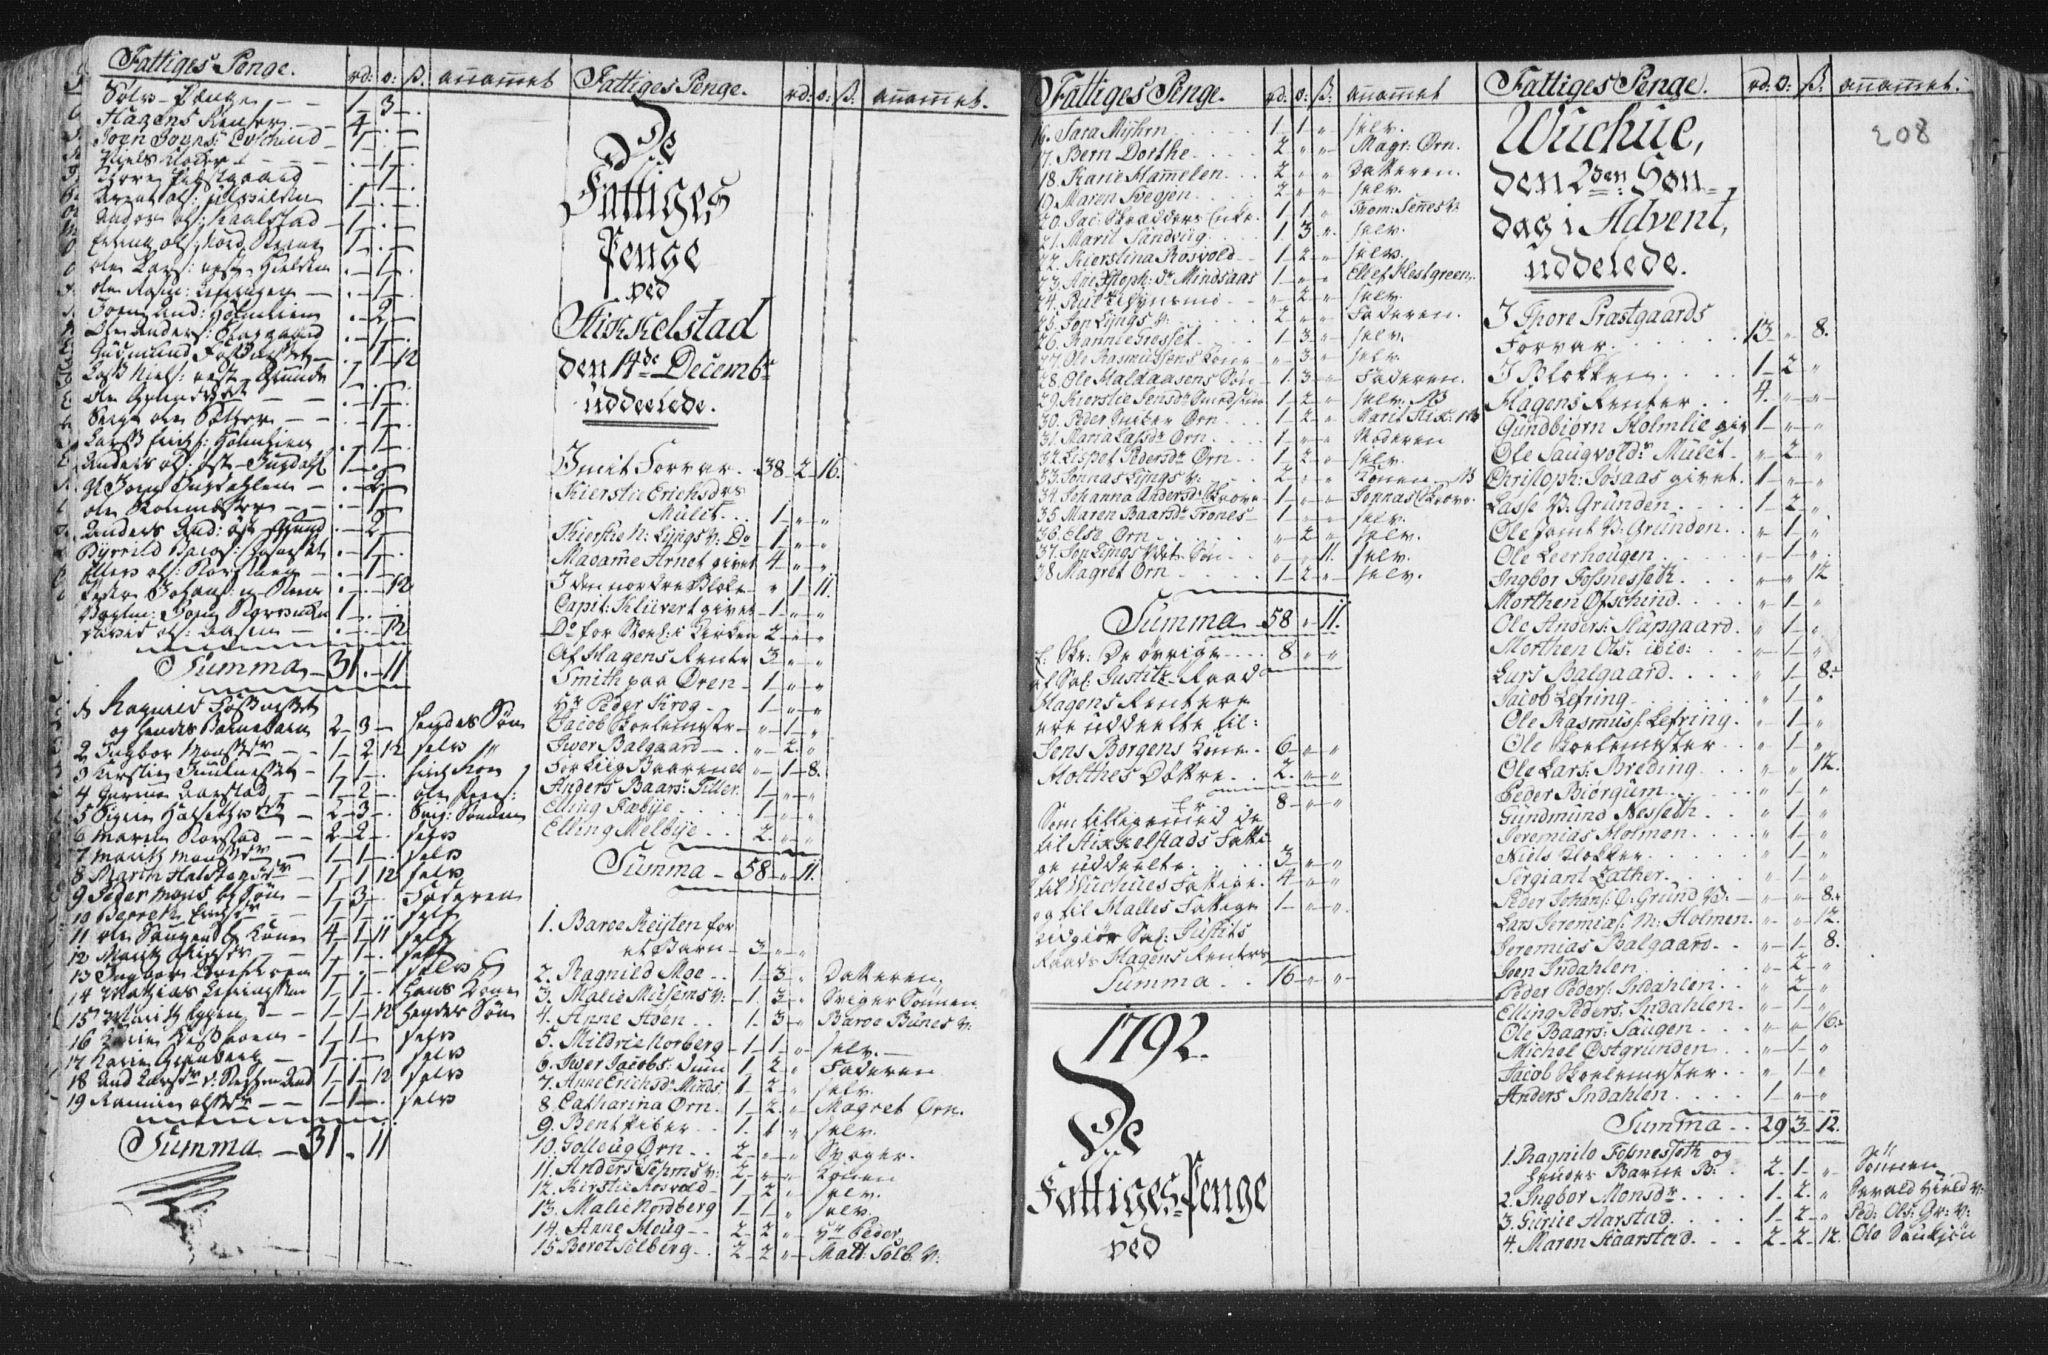 SAT, Ministerialprotokoller, klokkerbøker og fødselsregistre - Nord-Trøndelag, 723/L0232: Ministerialbok nr. 723A03, 1781-1804, s. 208